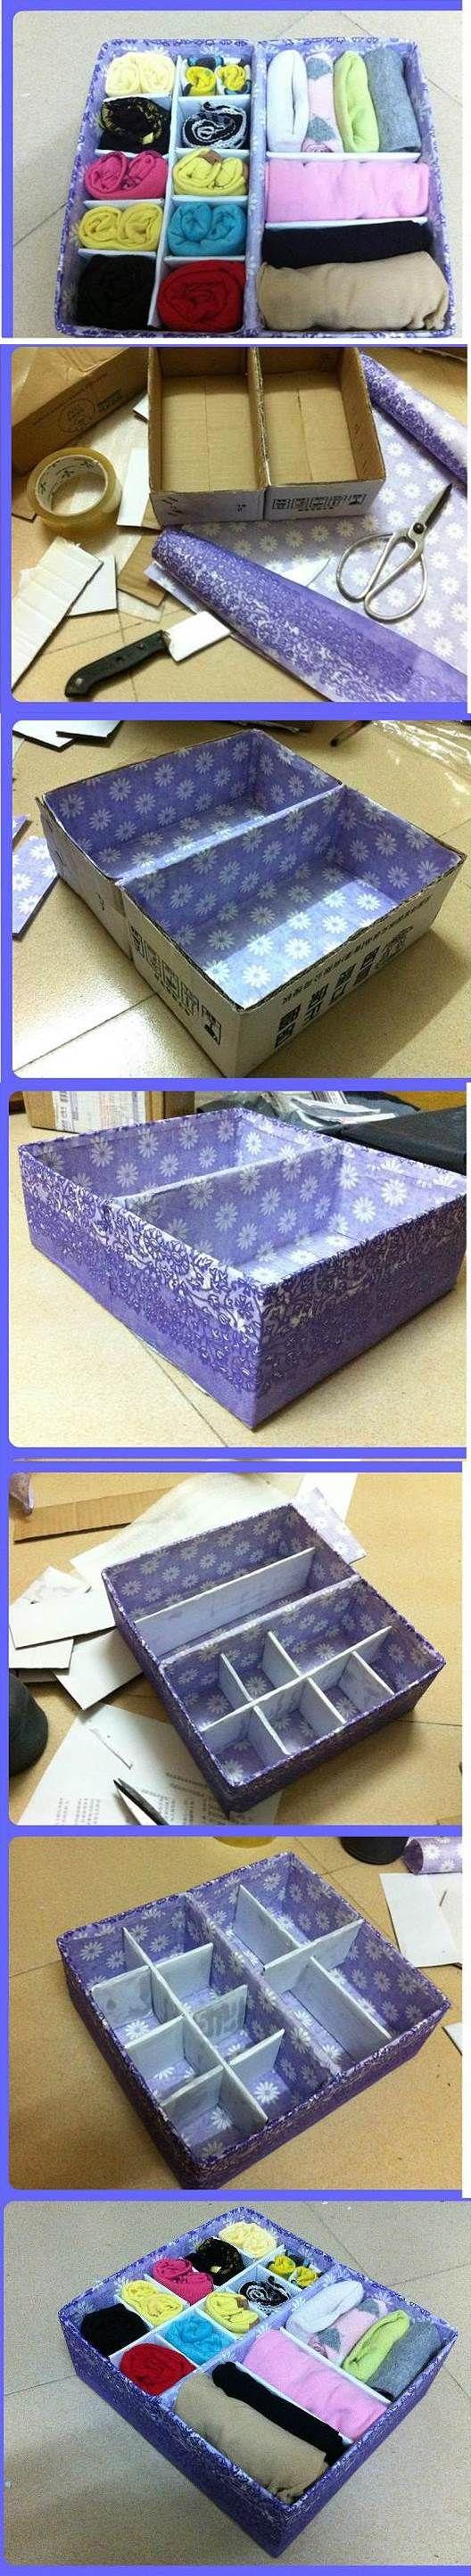 DIY Cardboard Underwear Storage Box | iCreativeIdeas